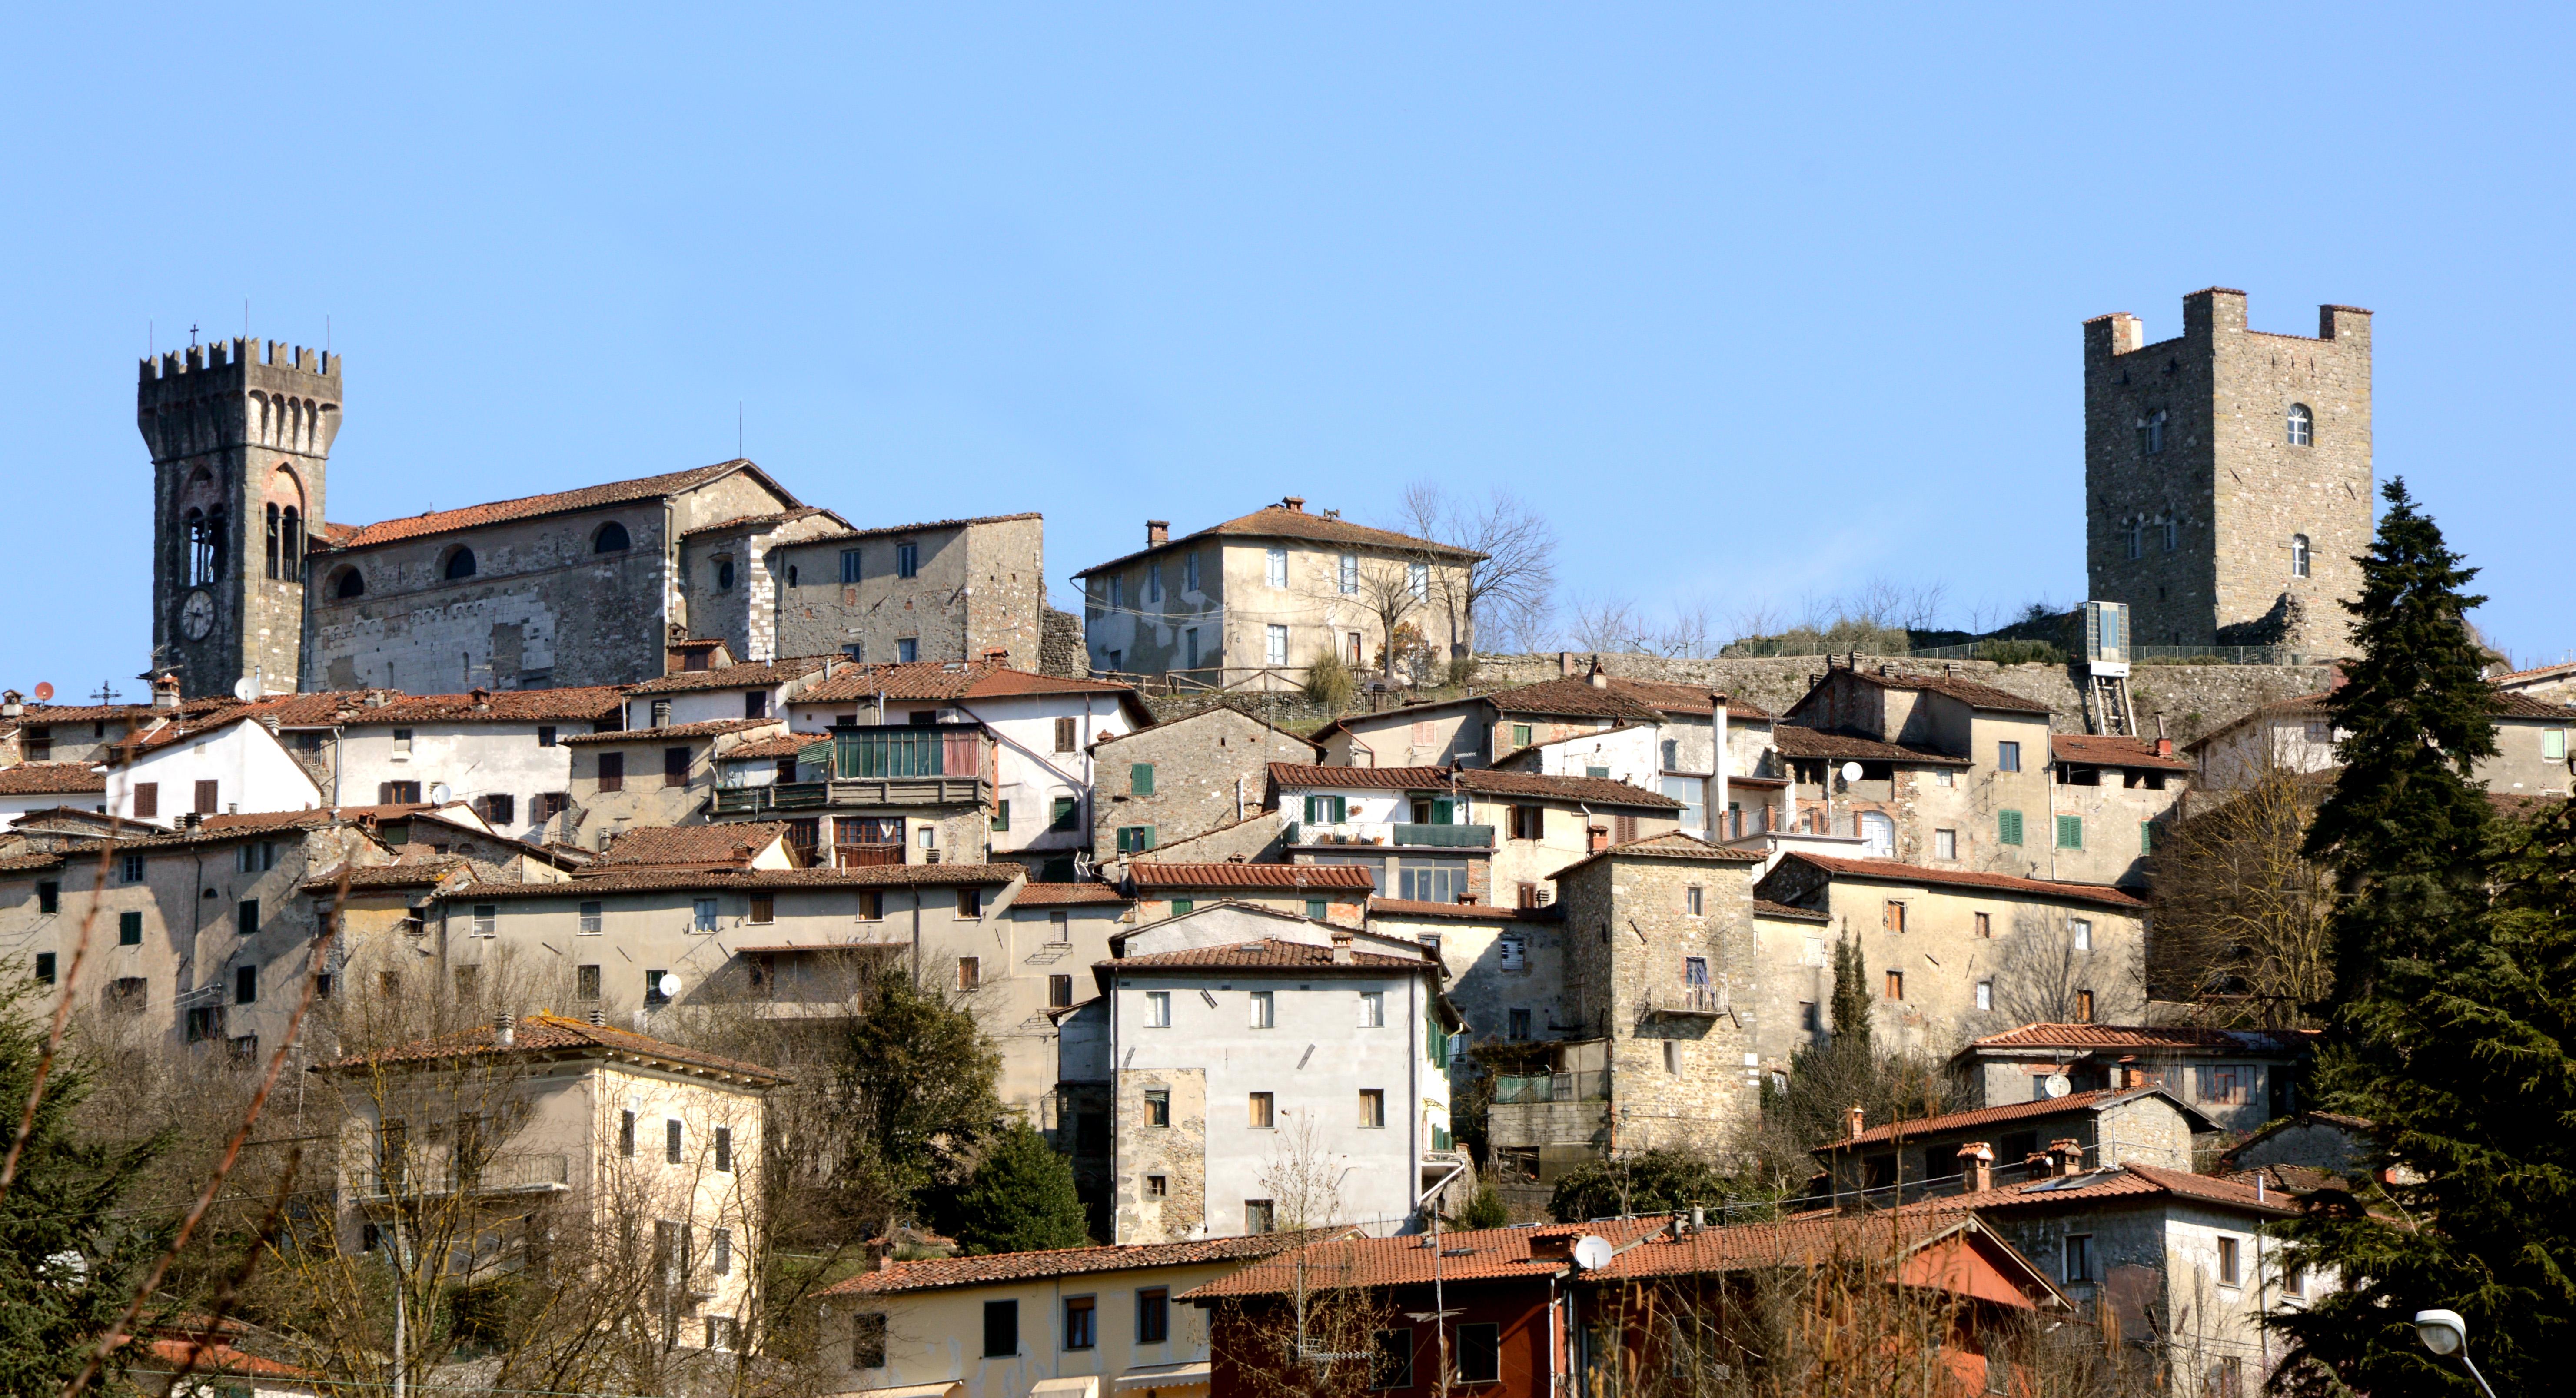 ghivizzano, lucca,toscana, castelli, borghi, italia